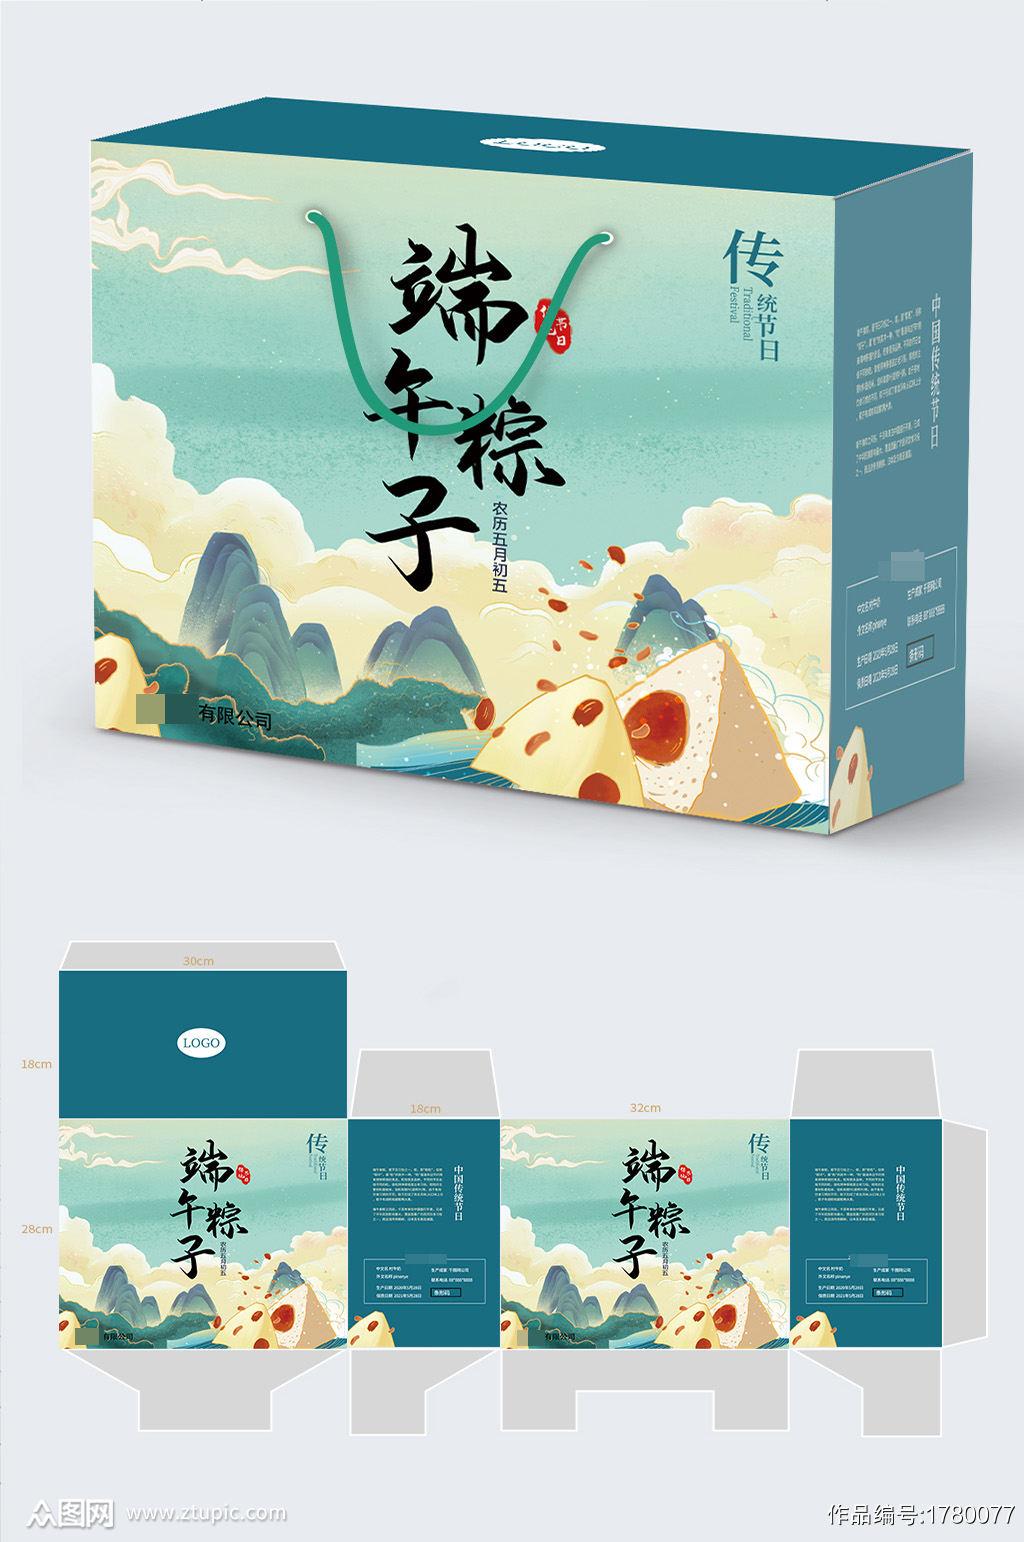 端午节粽子礼盒包装设计素材